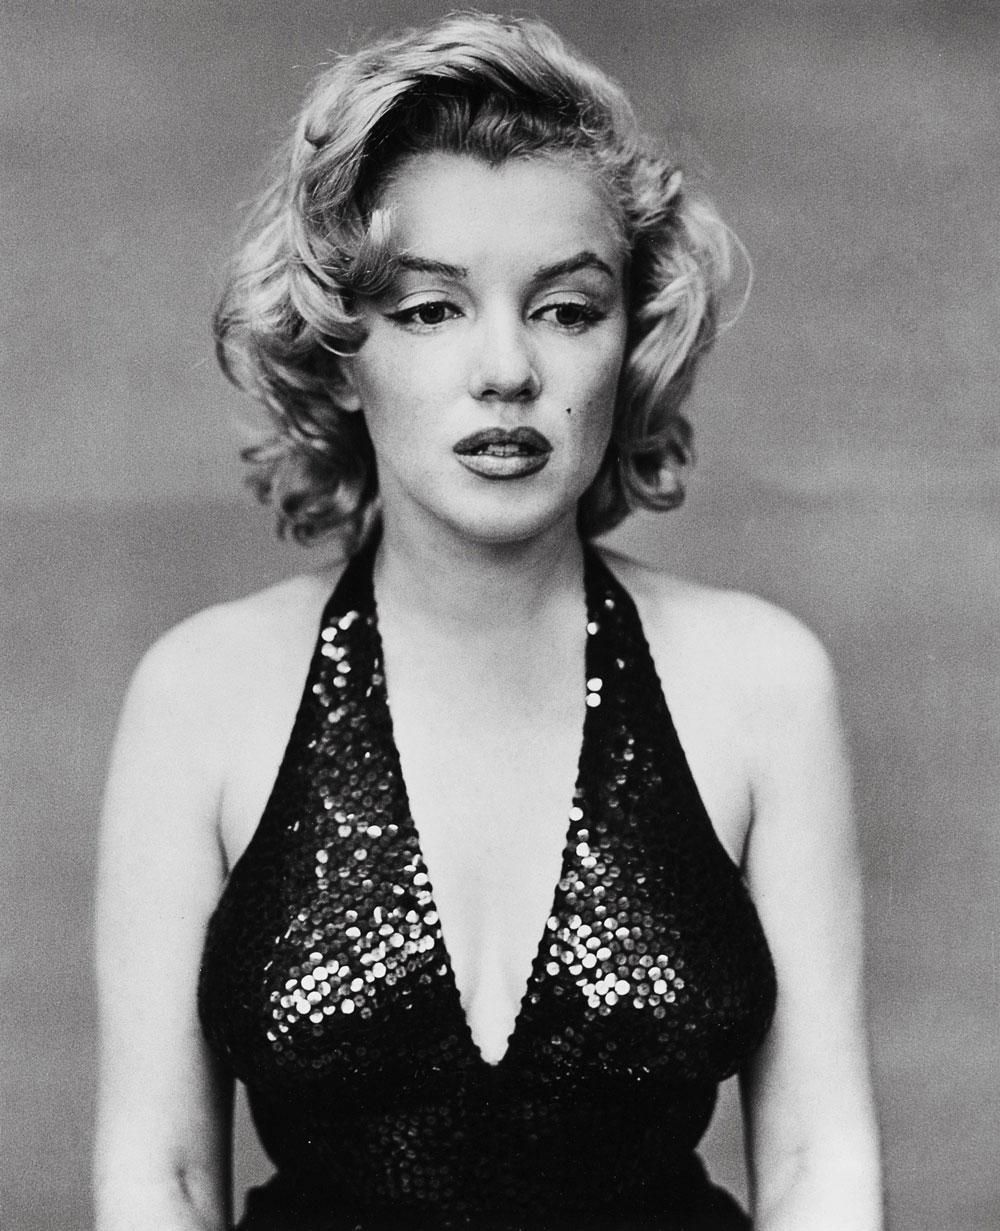 retrato fotográfico de Marilyn Monroe, por Richard Avedon